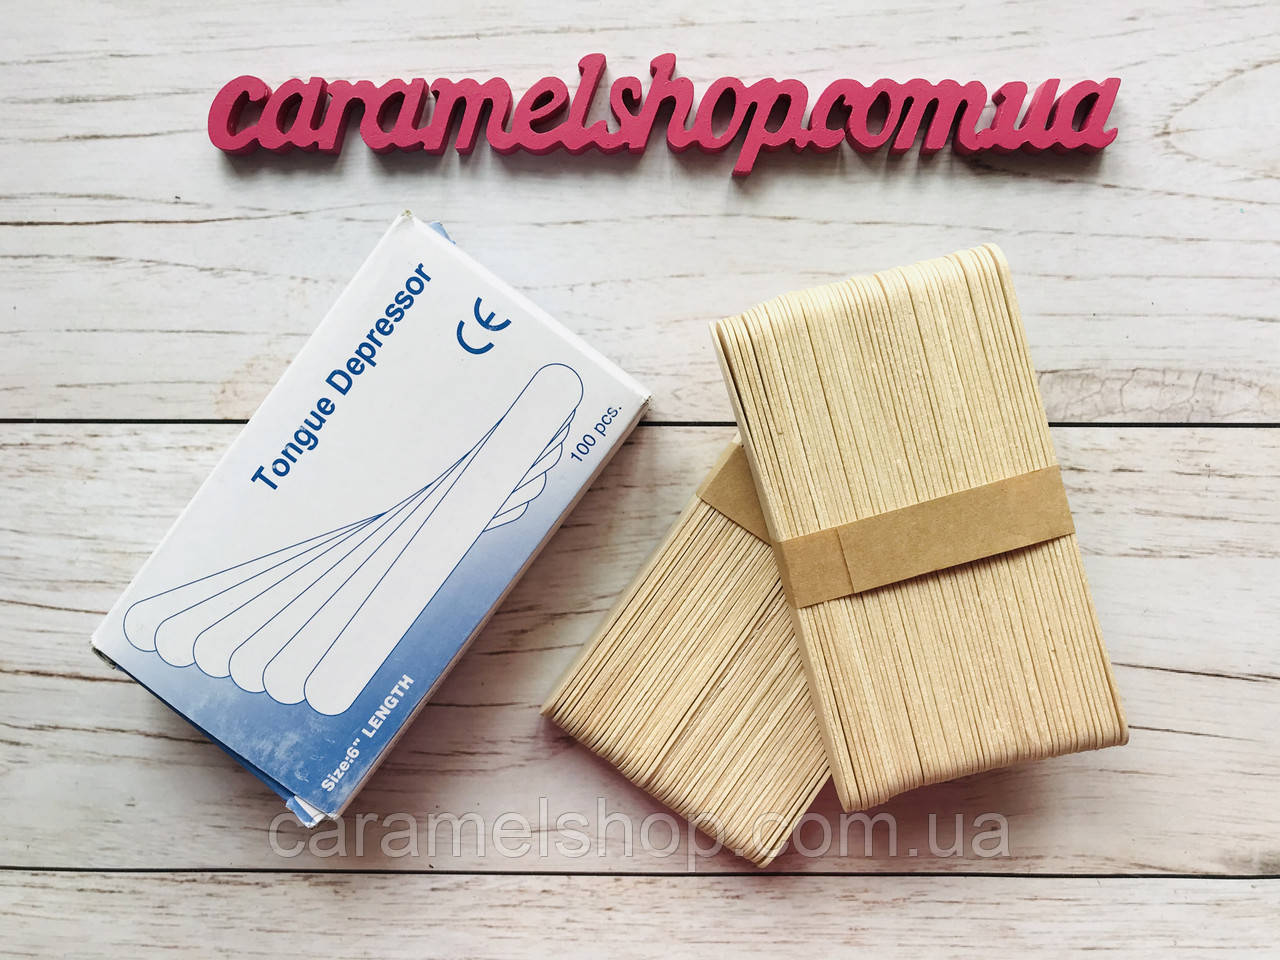 Шпатель деревянный (одноразовый) 100 штук